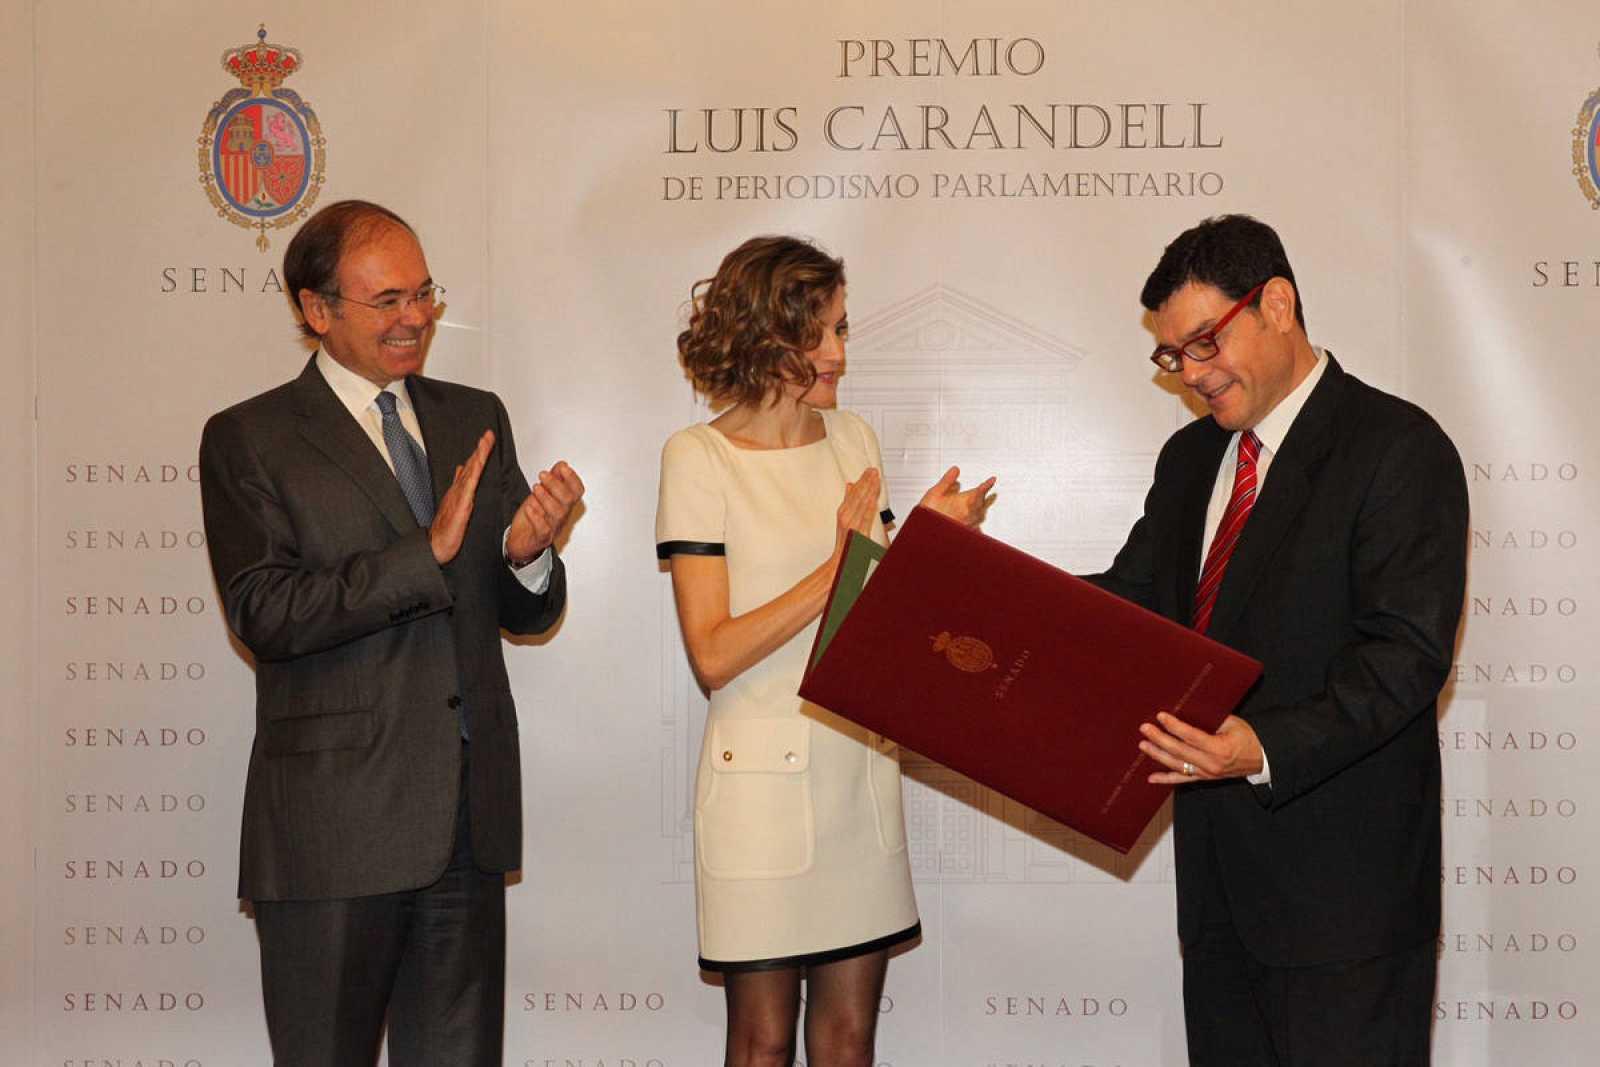 Miguel Ángel Domínguez recoge el premio Luis Carandell en el Senado.